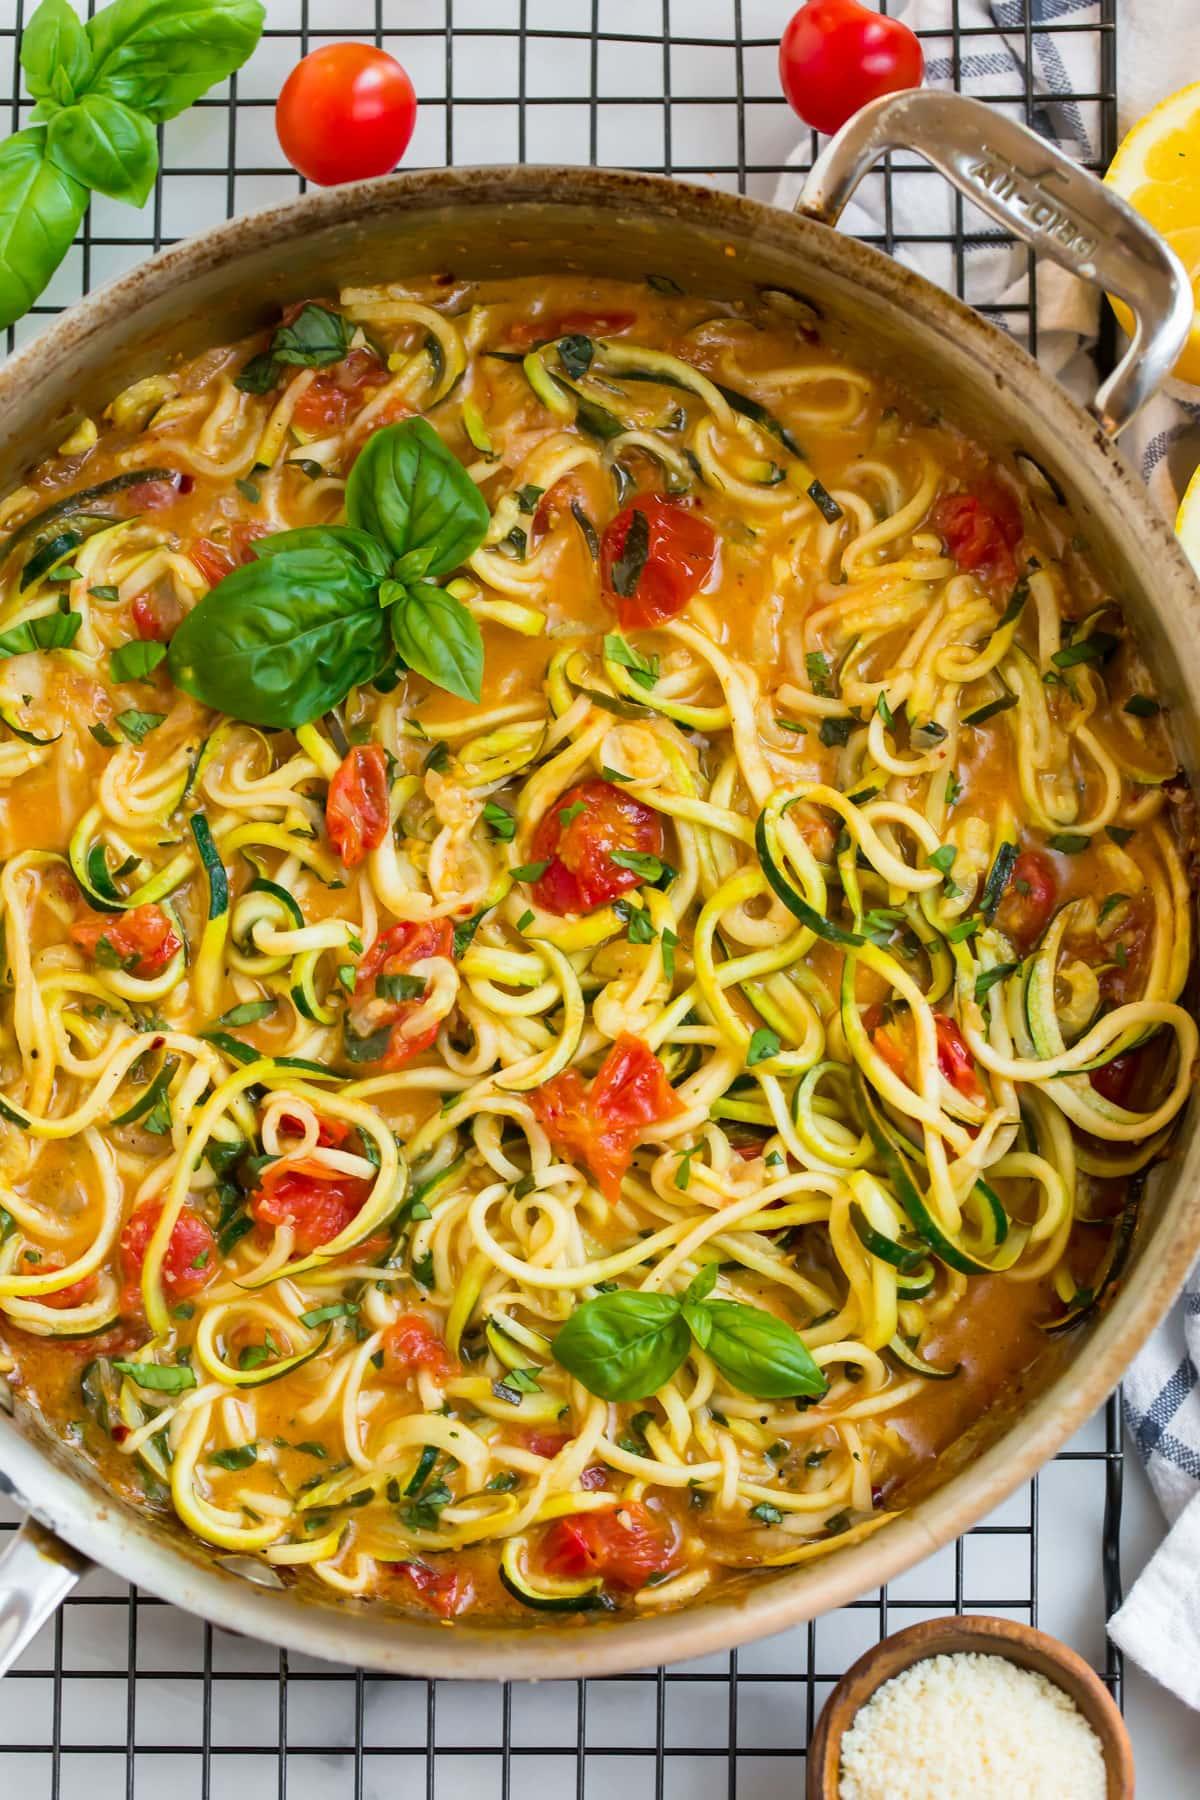 Creamy and easy zucchini pasta